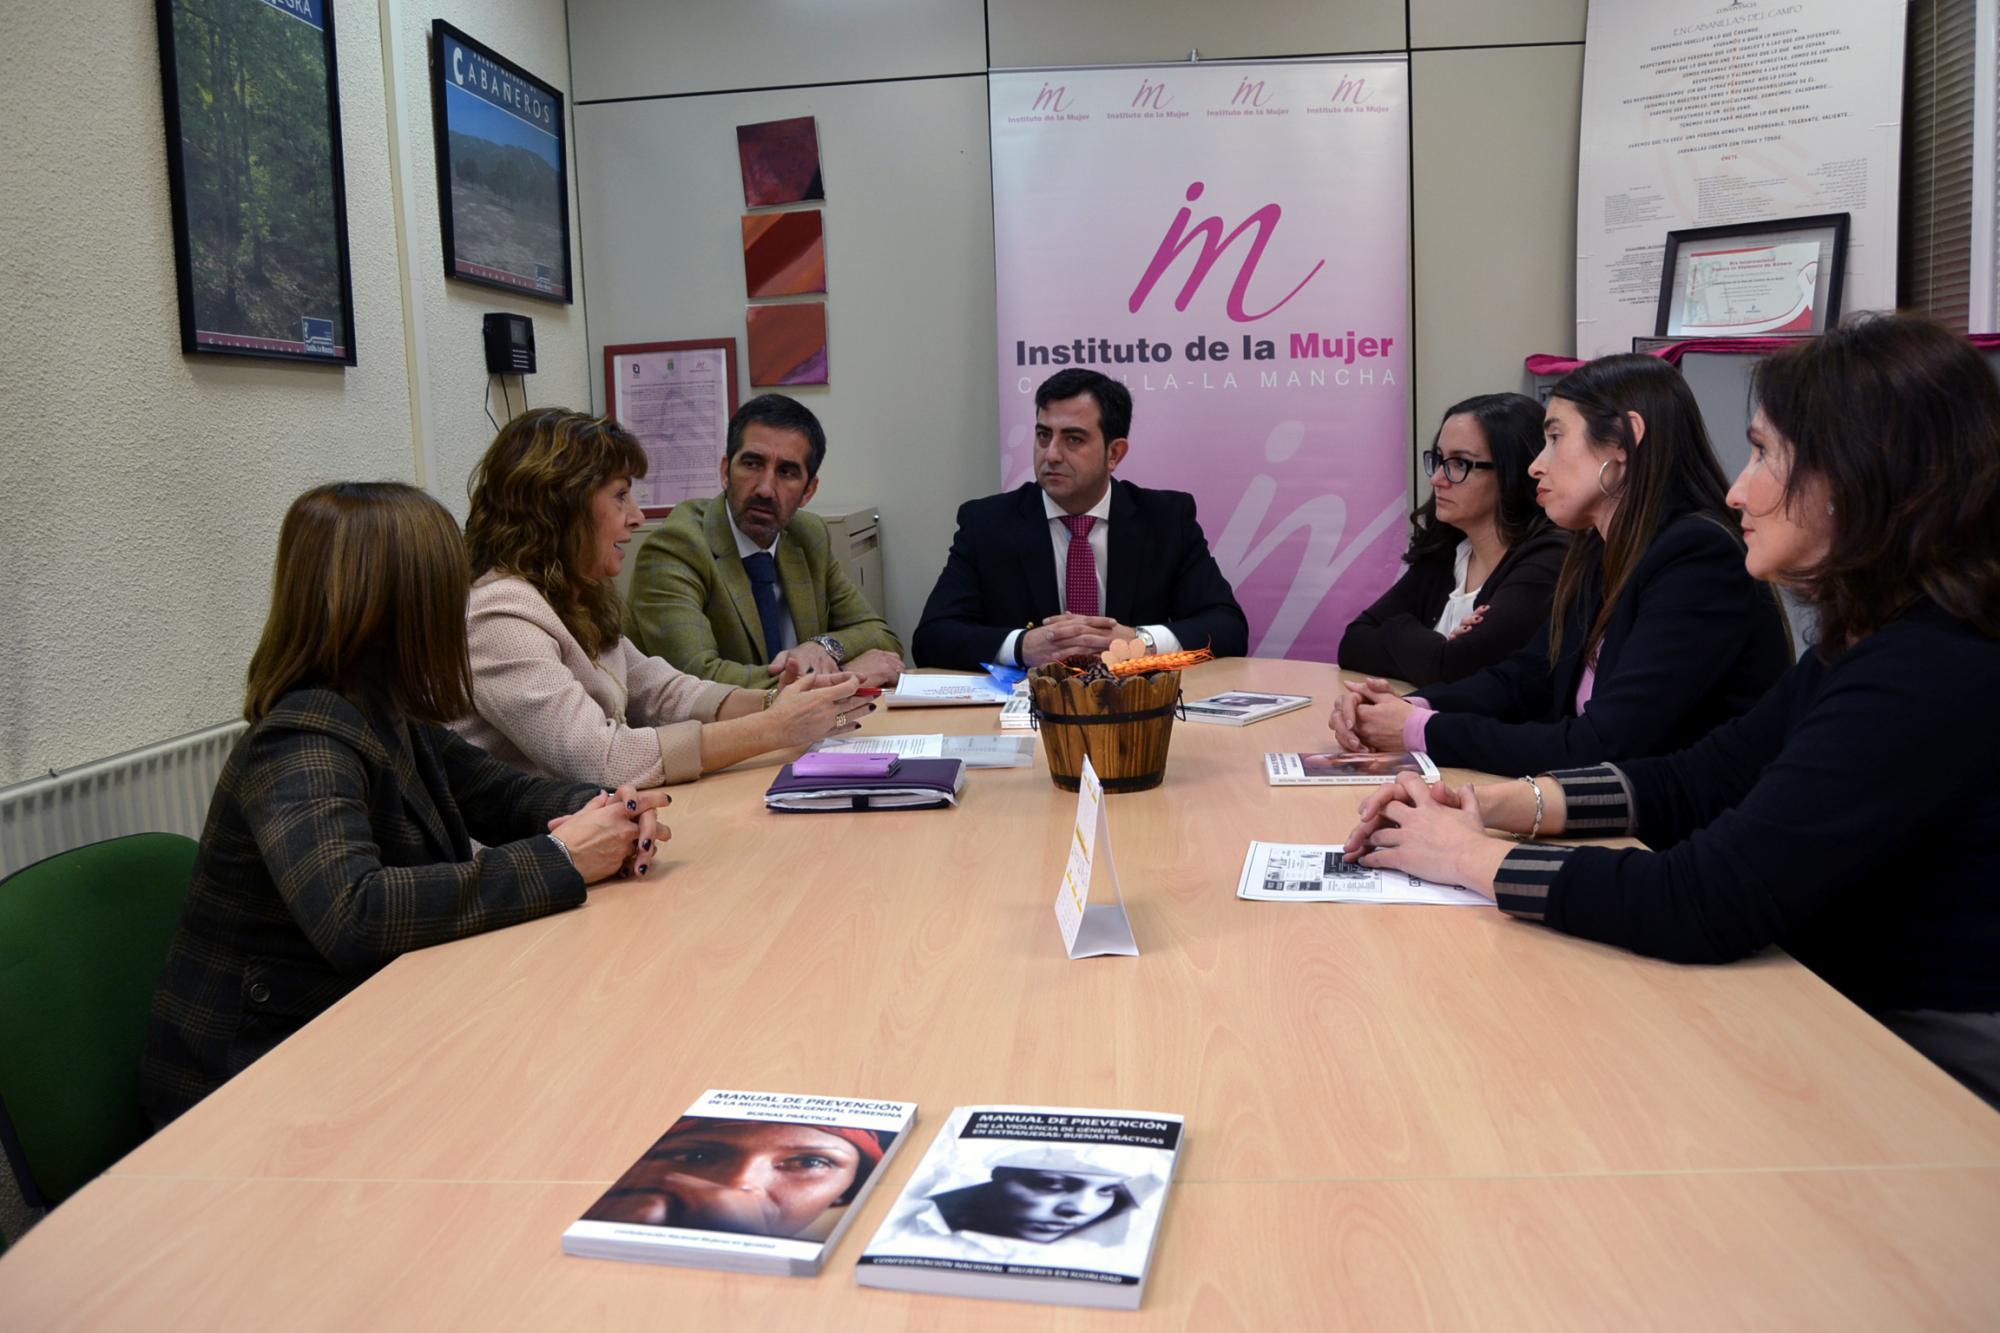 Condado destaca que el Gobierno regional aumenta el Presupuesto para los Centros de la Mujer para el próximo año 2015 y garantiza la atención a las mujeres de Castilla-La Mancha